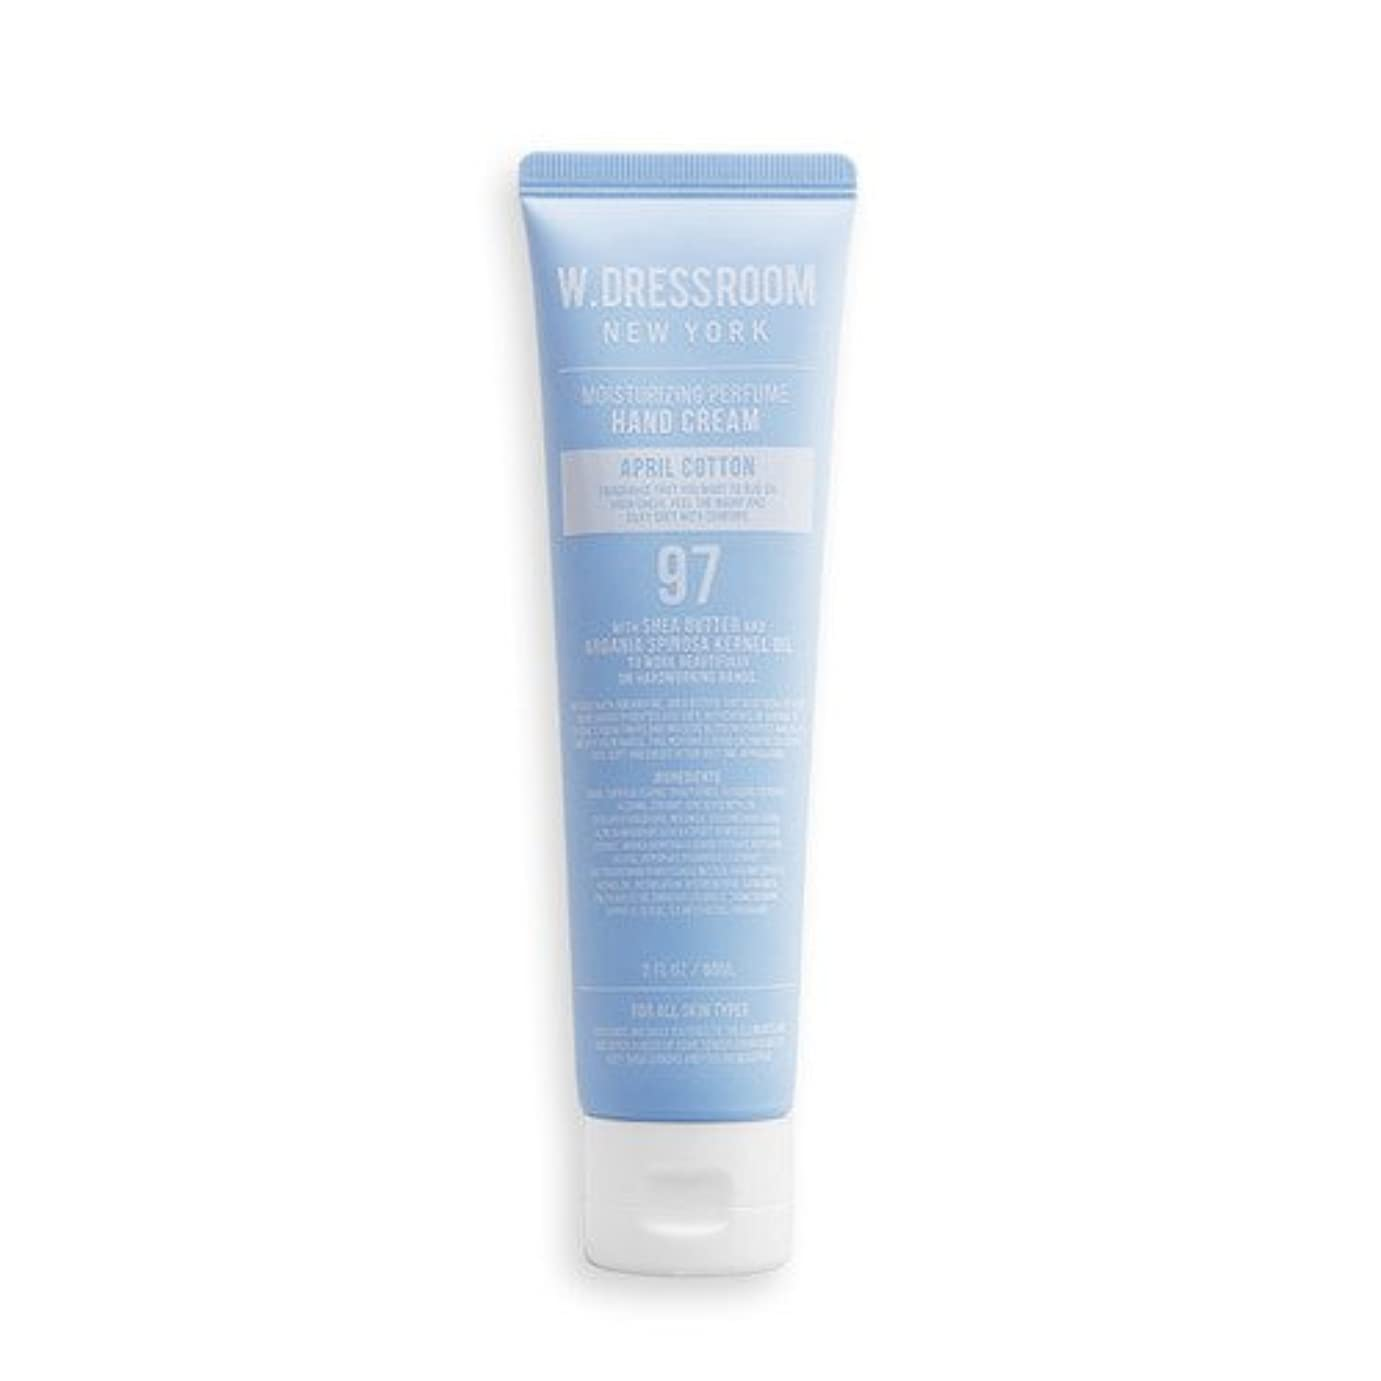 クリエイティブ無力小道W.DRESSROOM Moisturizing Perfume Hand Cream 60ml/ダブルドレスルーム モイスチャライジング パフューム ハンドクリーム 60ml (#No.97 April Cotton) [並行輸入品]